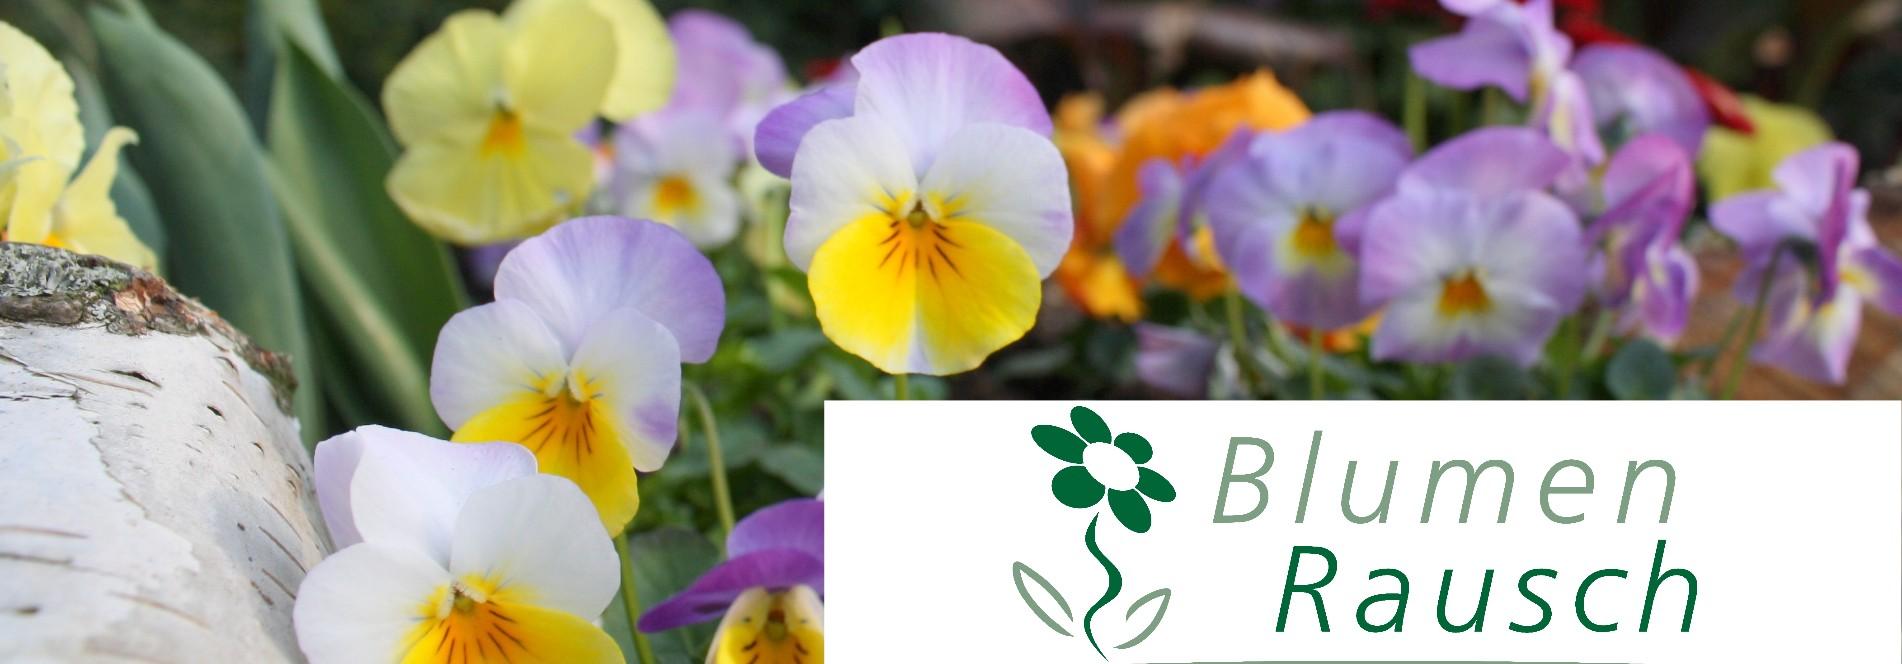 Blumen Rausch  in Durlach Blumenladen und Friedhofsgaertnerei